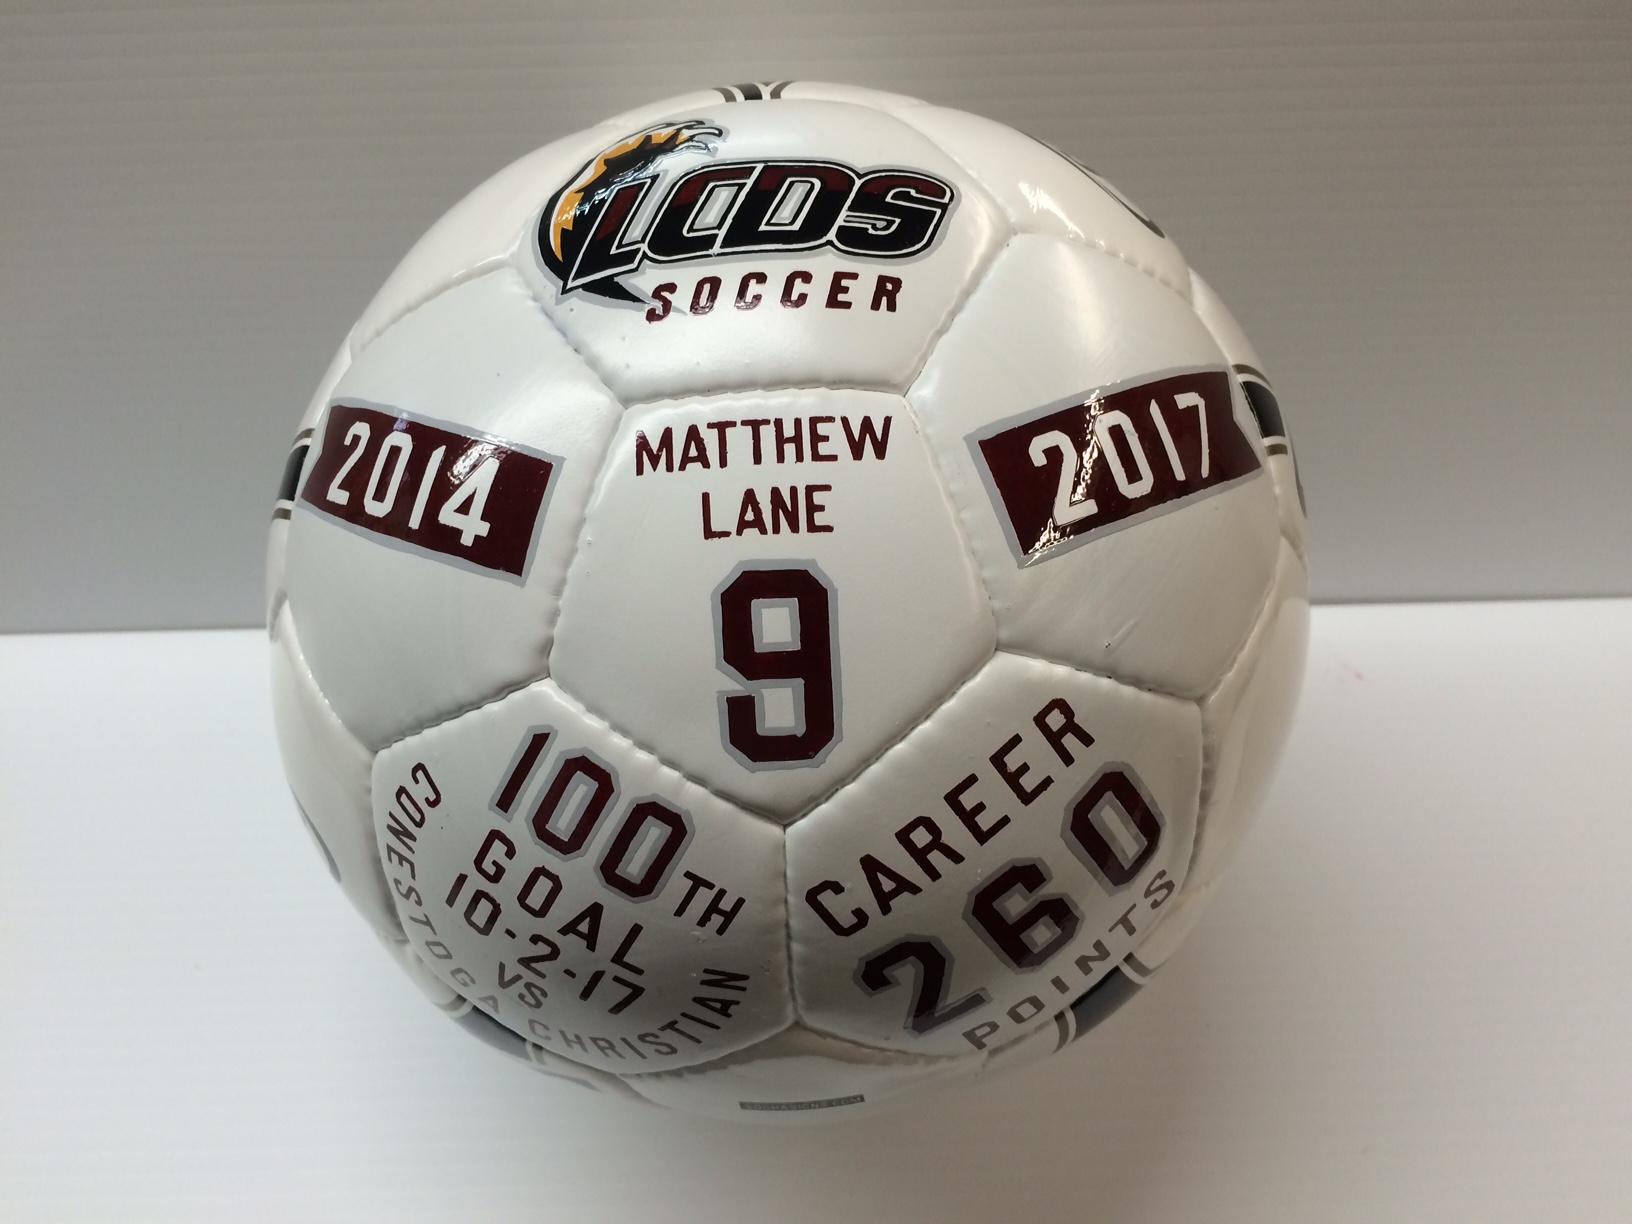 Decorated soccer ball award